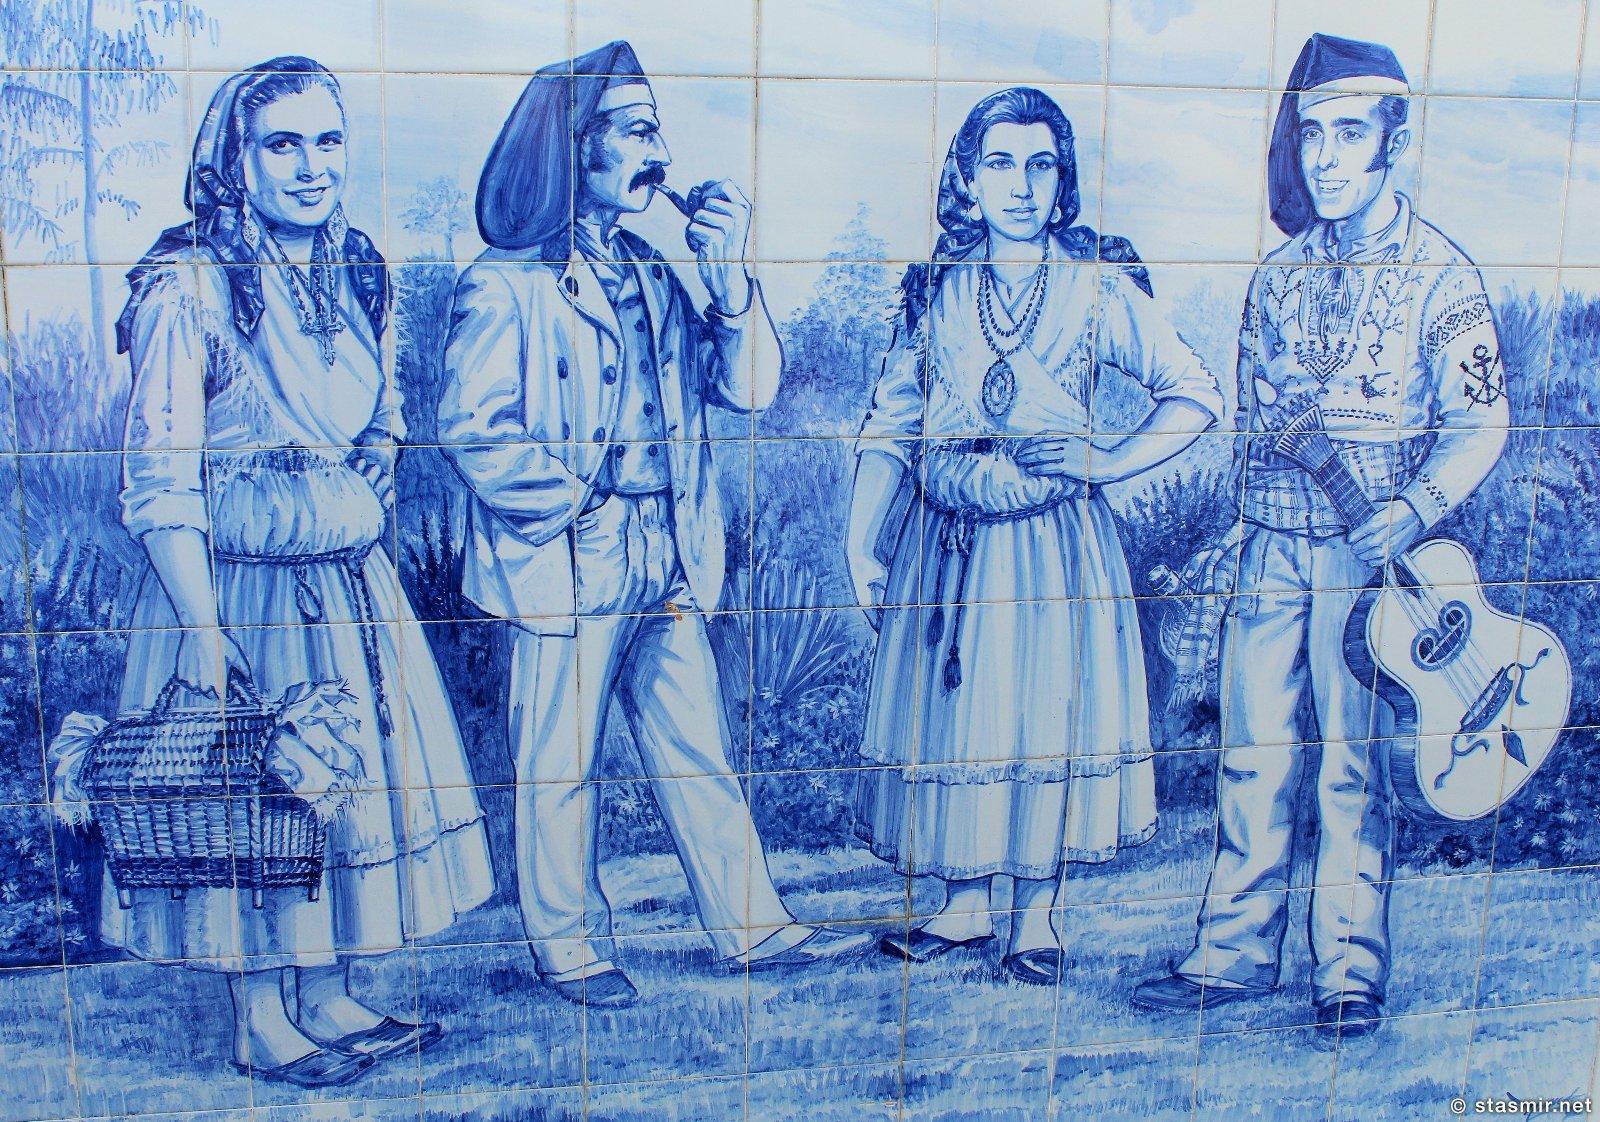 Азулейжу в Повоа де Варизим, португальцы в праздничных костюмах, Повуа-ди-Варзин, Póvoa de Varzim, фото Стасмир, photo Stasmir